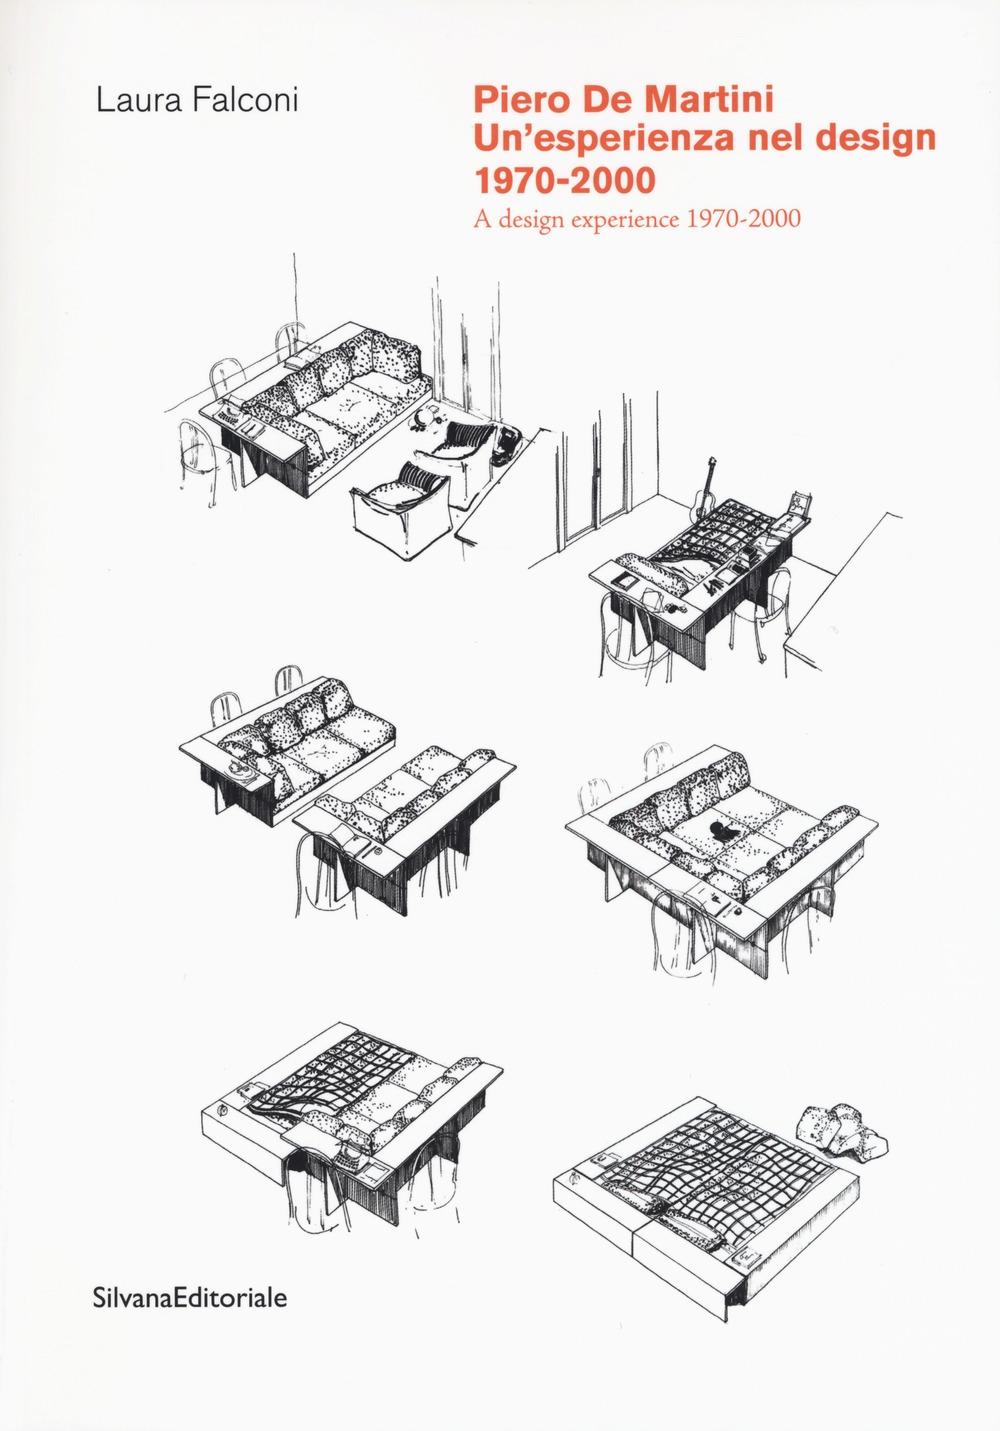 Piero De Martini. Un'esperienza nel design 1970-2000. A design experience 1970-2000